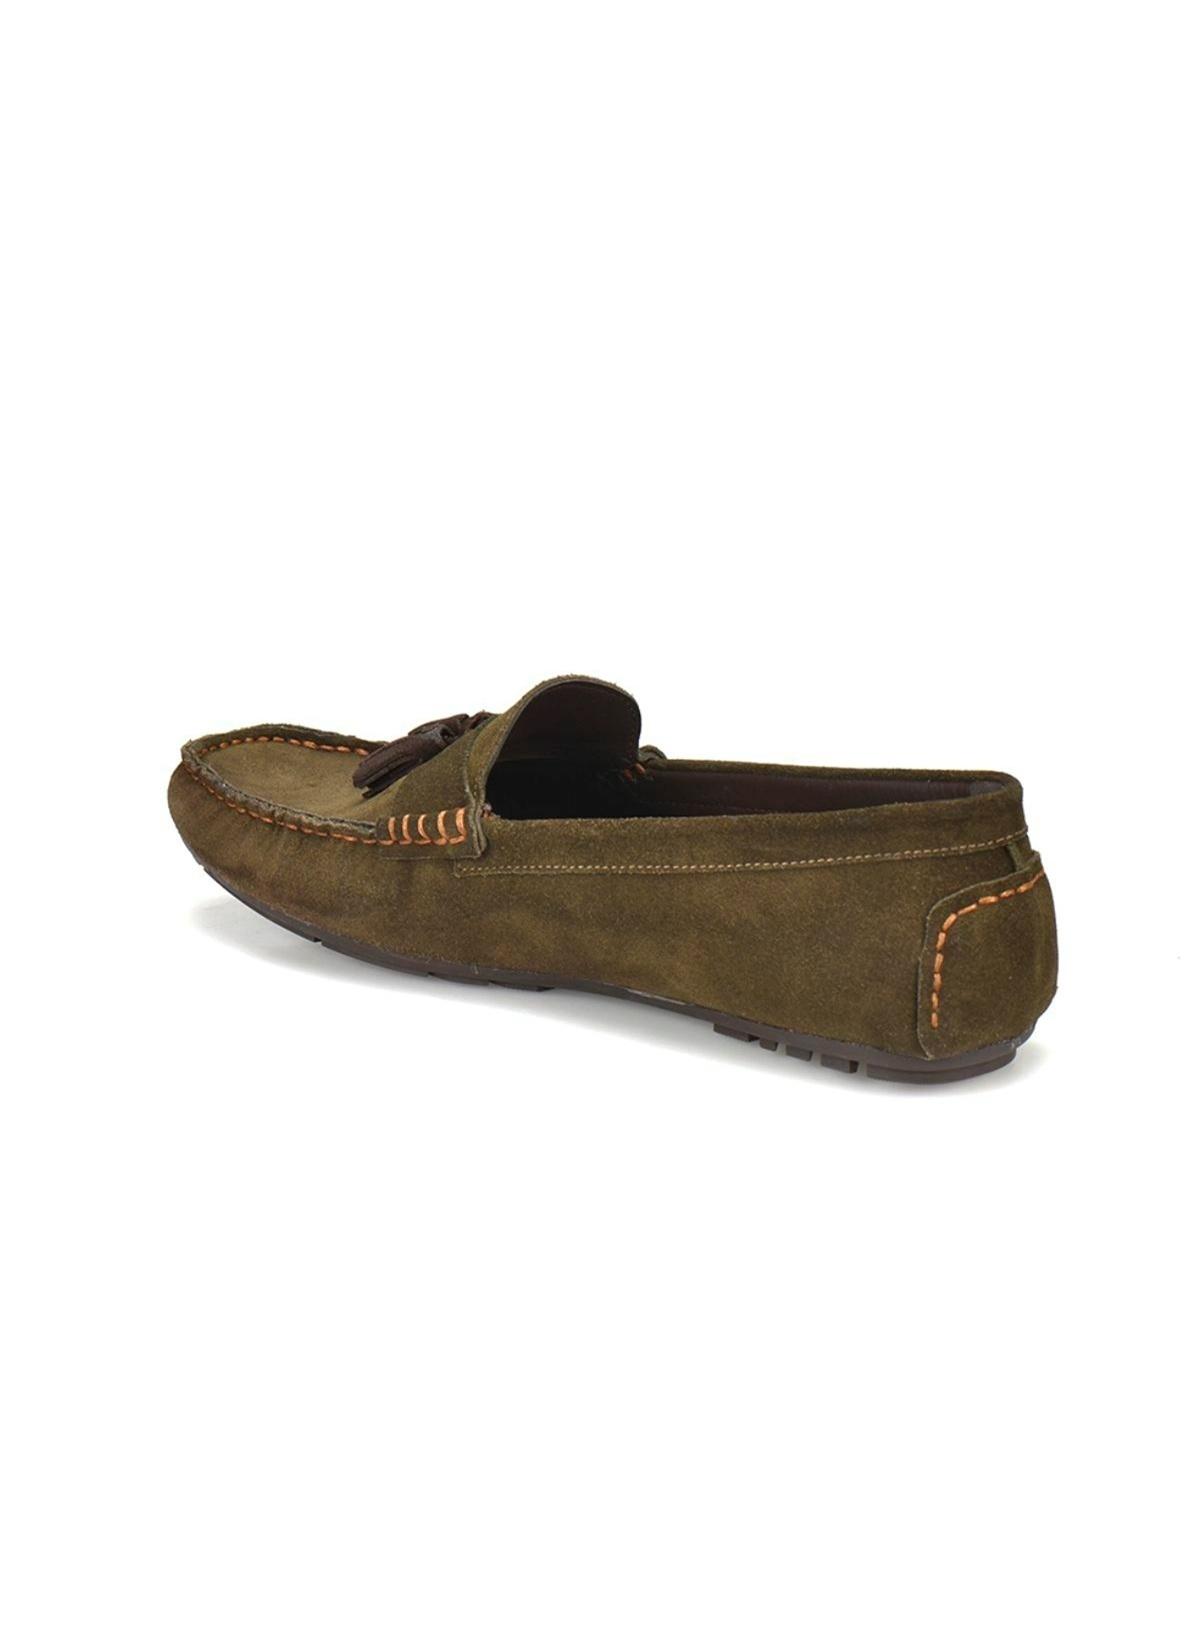 696dca762ebc9 Oxide Ayakkabı Haki; Oxide Ayakkabı Haki; Oxide Ayakkabı Haki